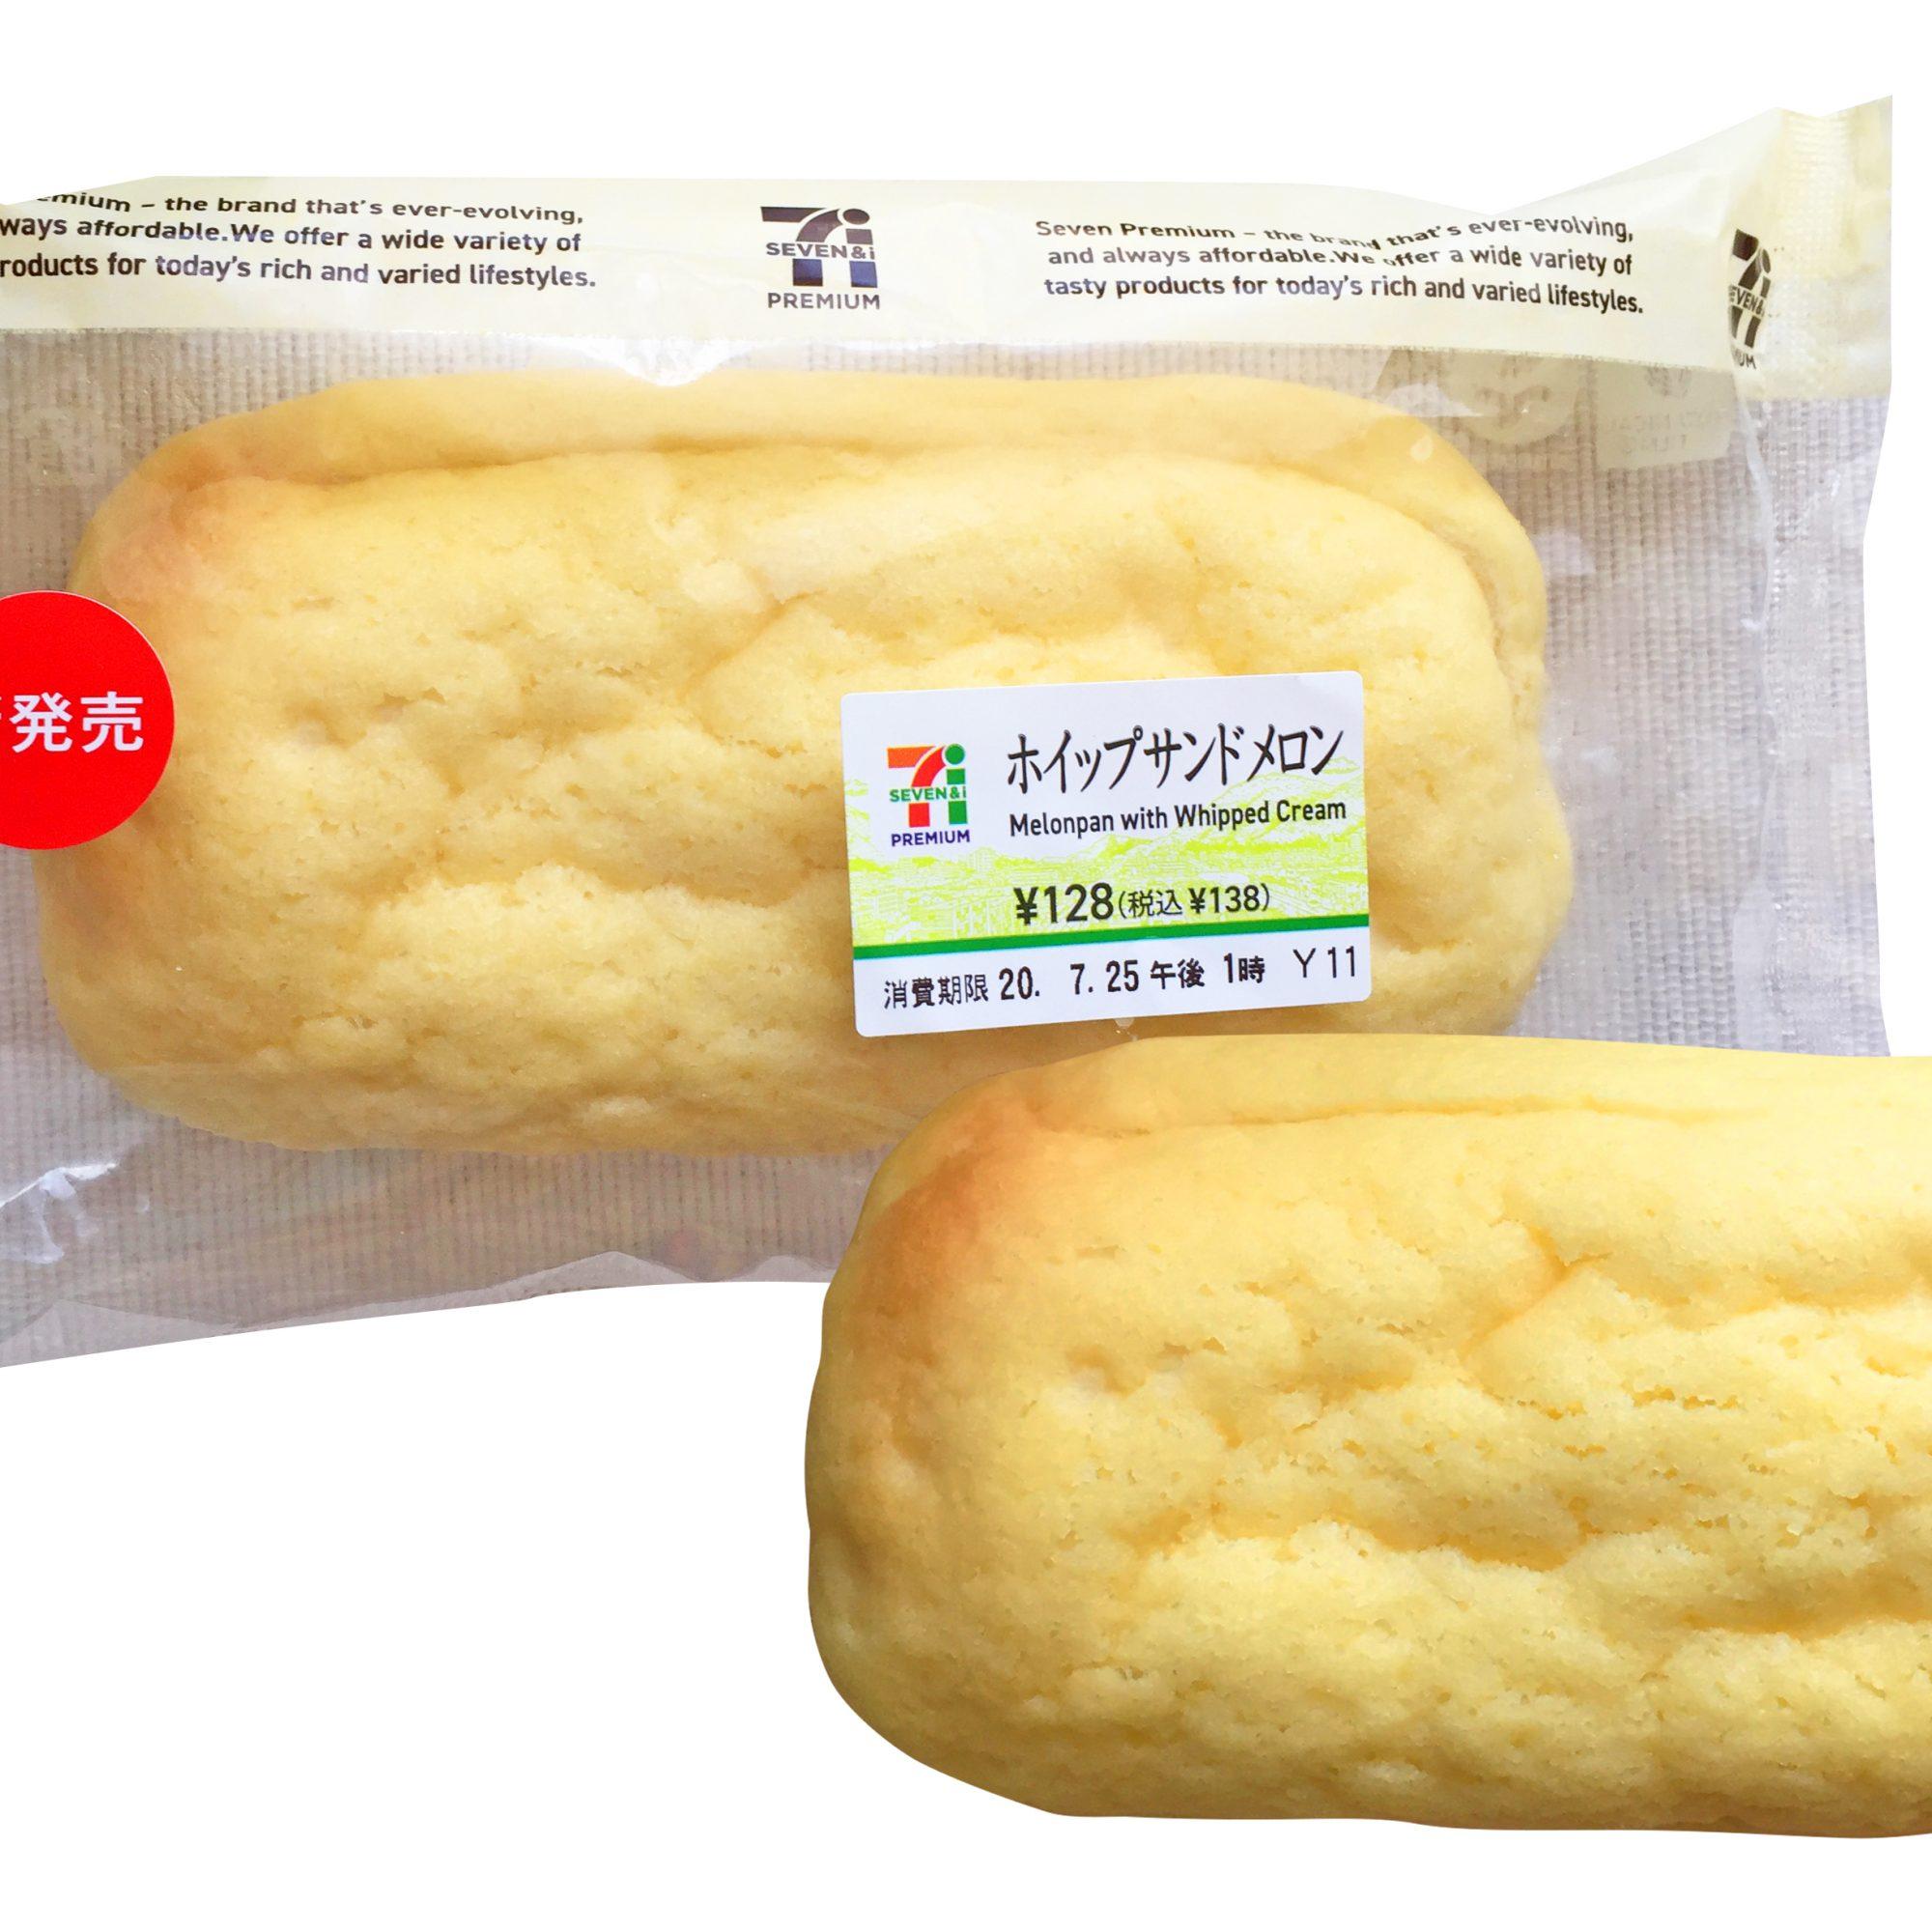 セブン-イレブン『ホイップサンドメロン』はふんわり大きく、なめらかなホイップクリームが美味しい王道メロンパン!